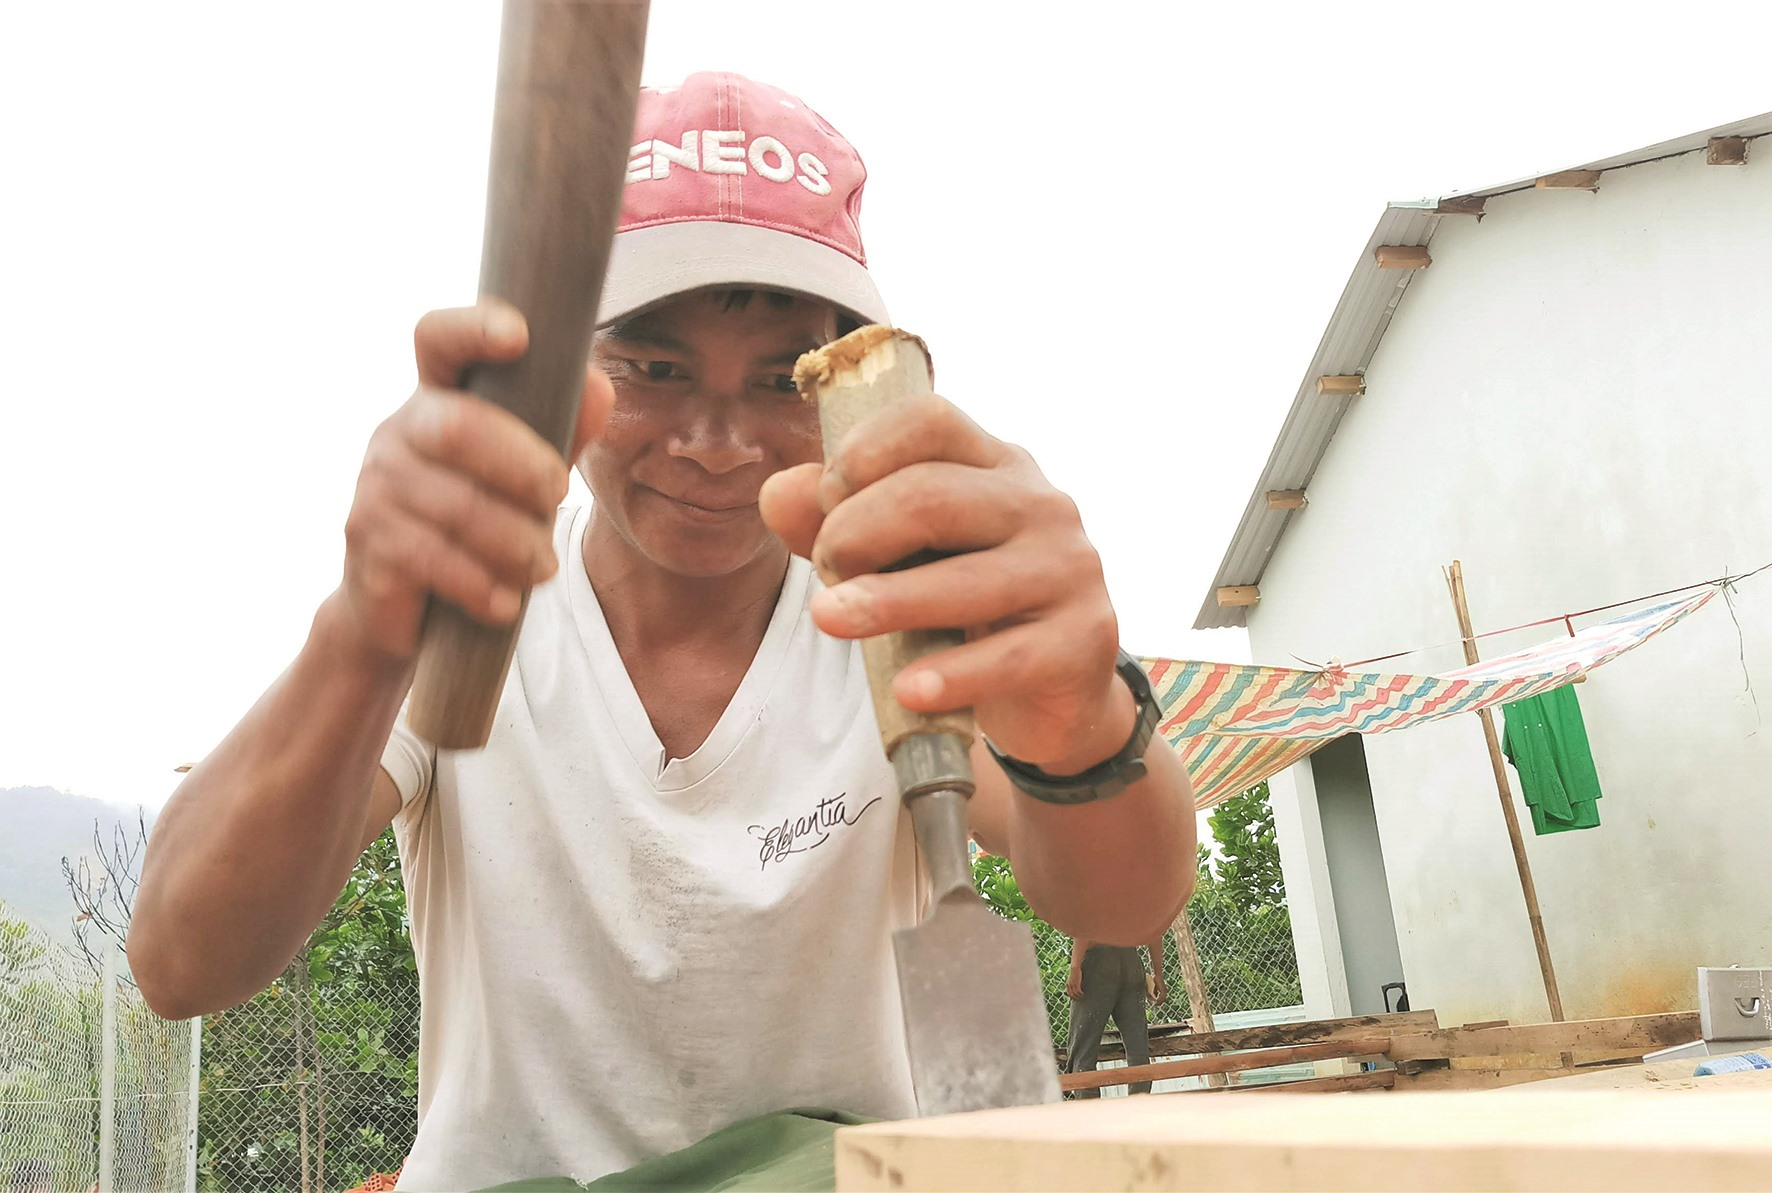 Những người thợ vùng cao góp sức cho những ngôi nhà mới.